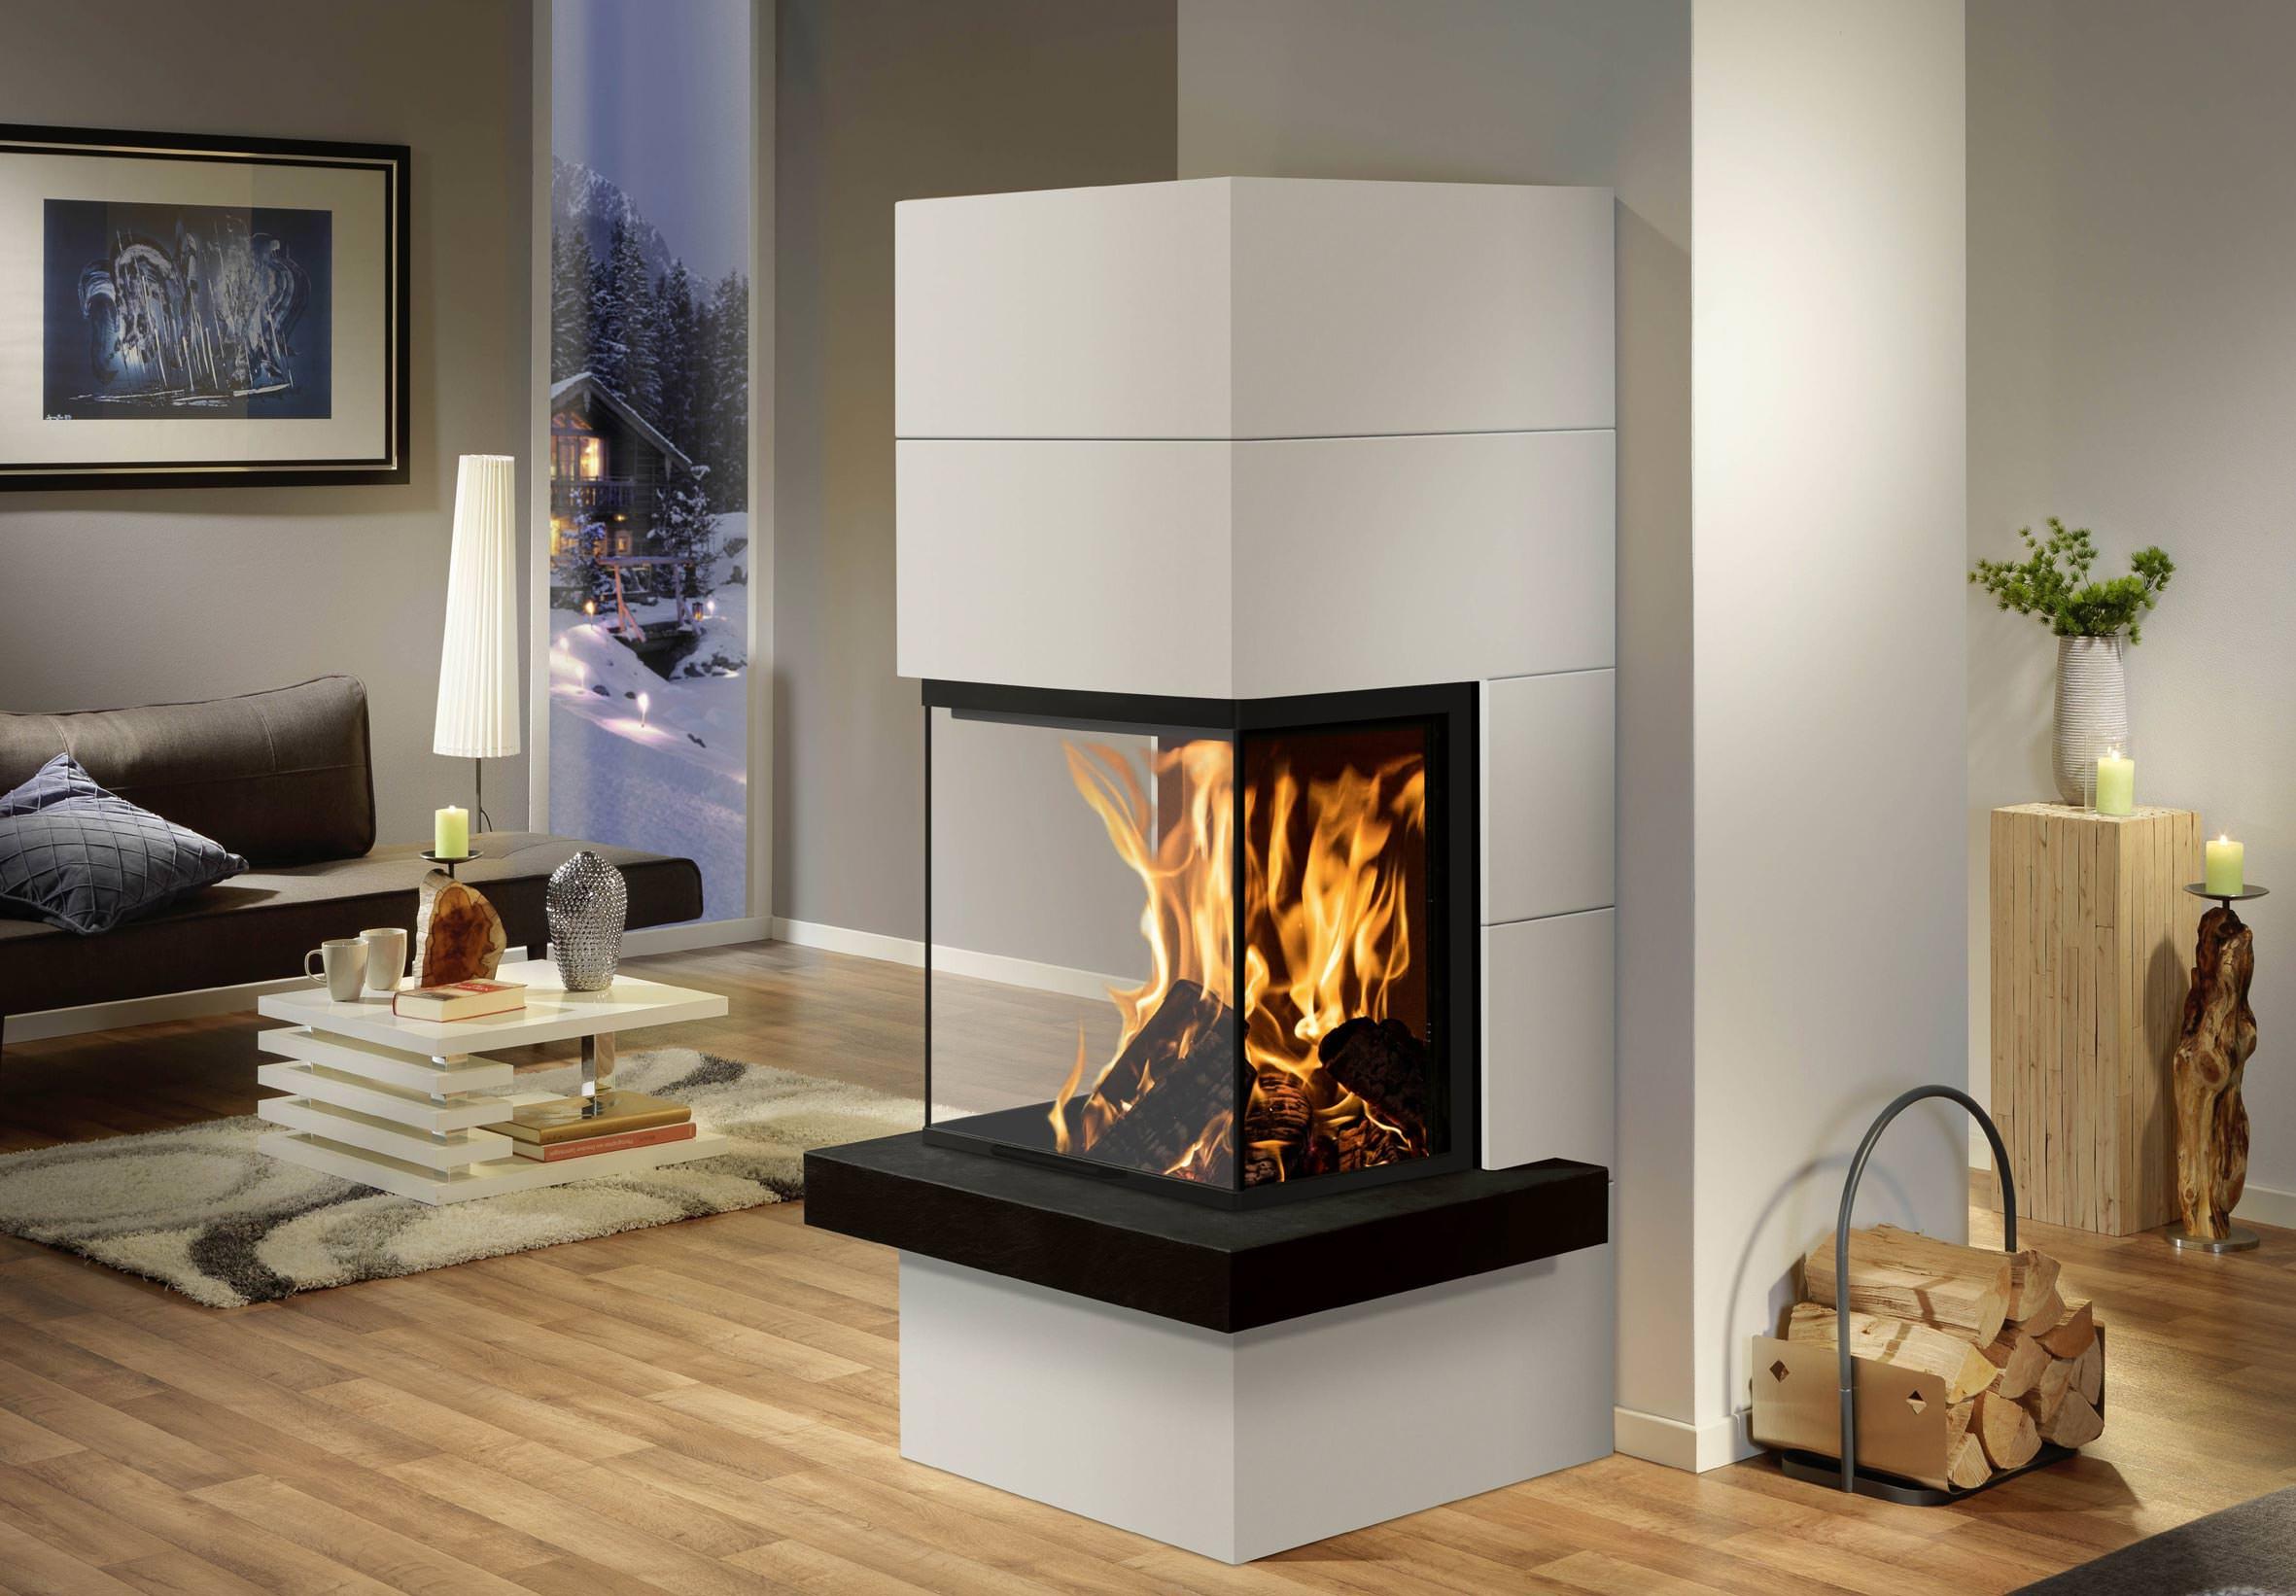 club tre raumgliedernder kamin von oranier als flexibel. Black Bedroom Furniture Sets. Home Design Ideas